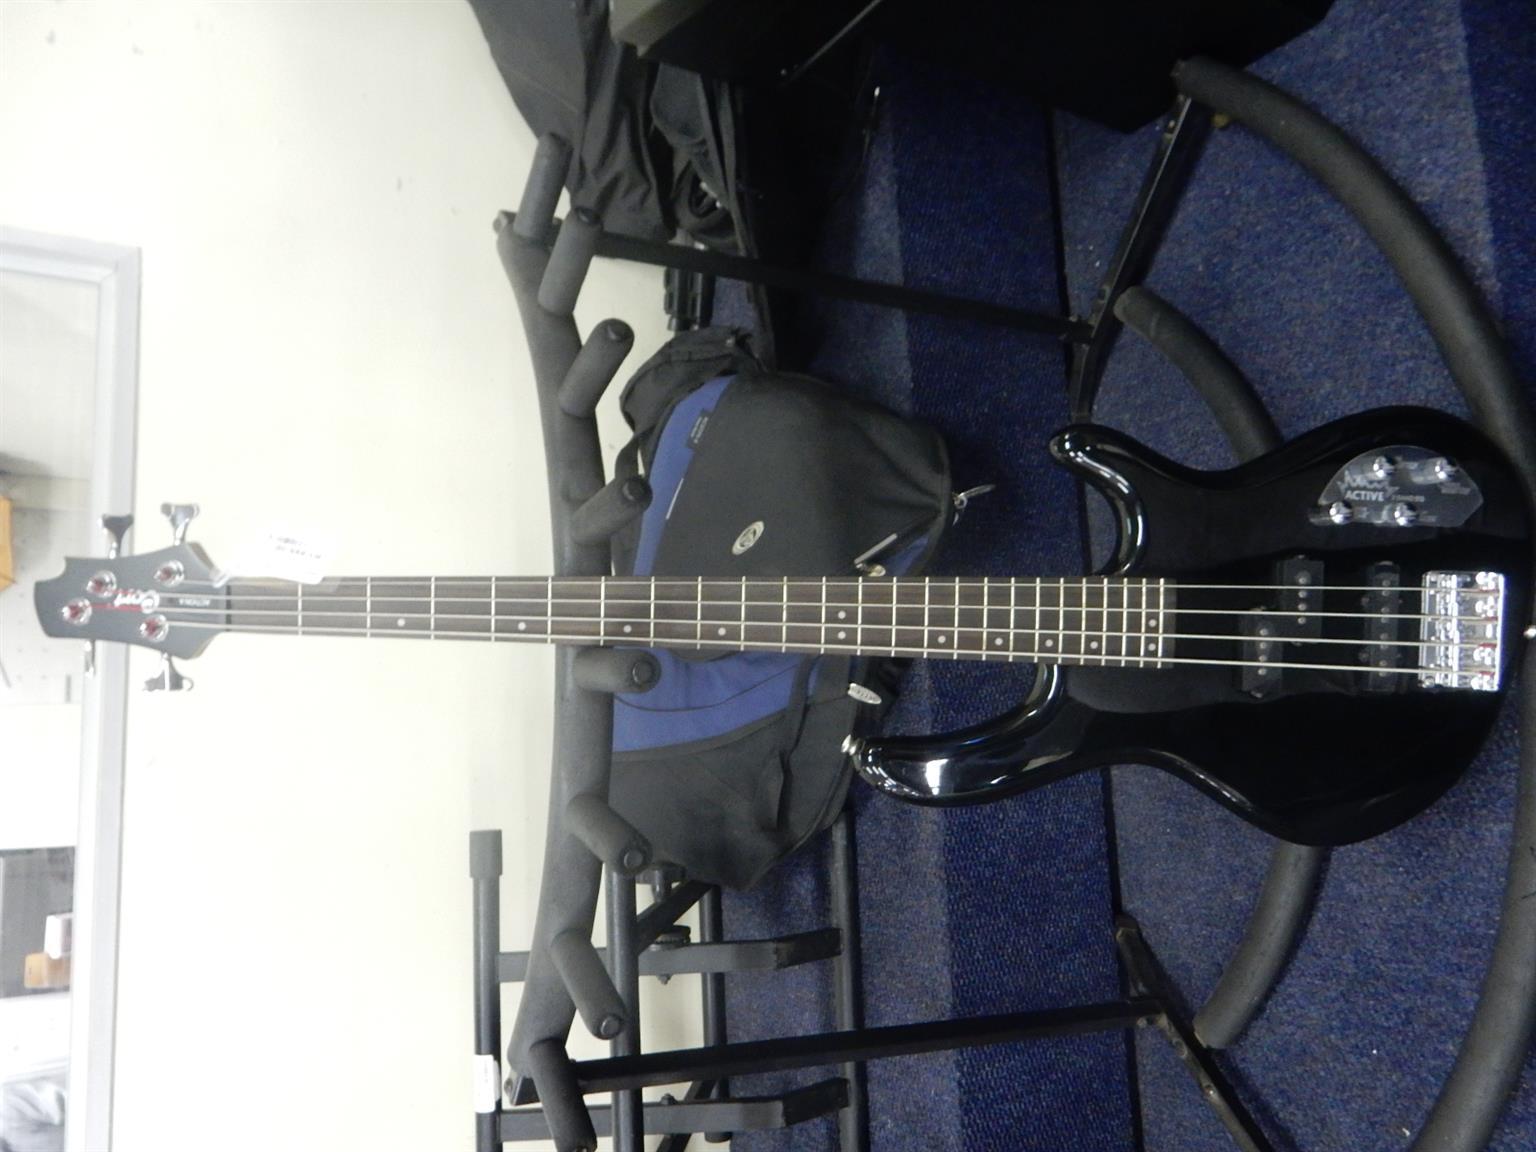 Cort Action A Bass Guitar